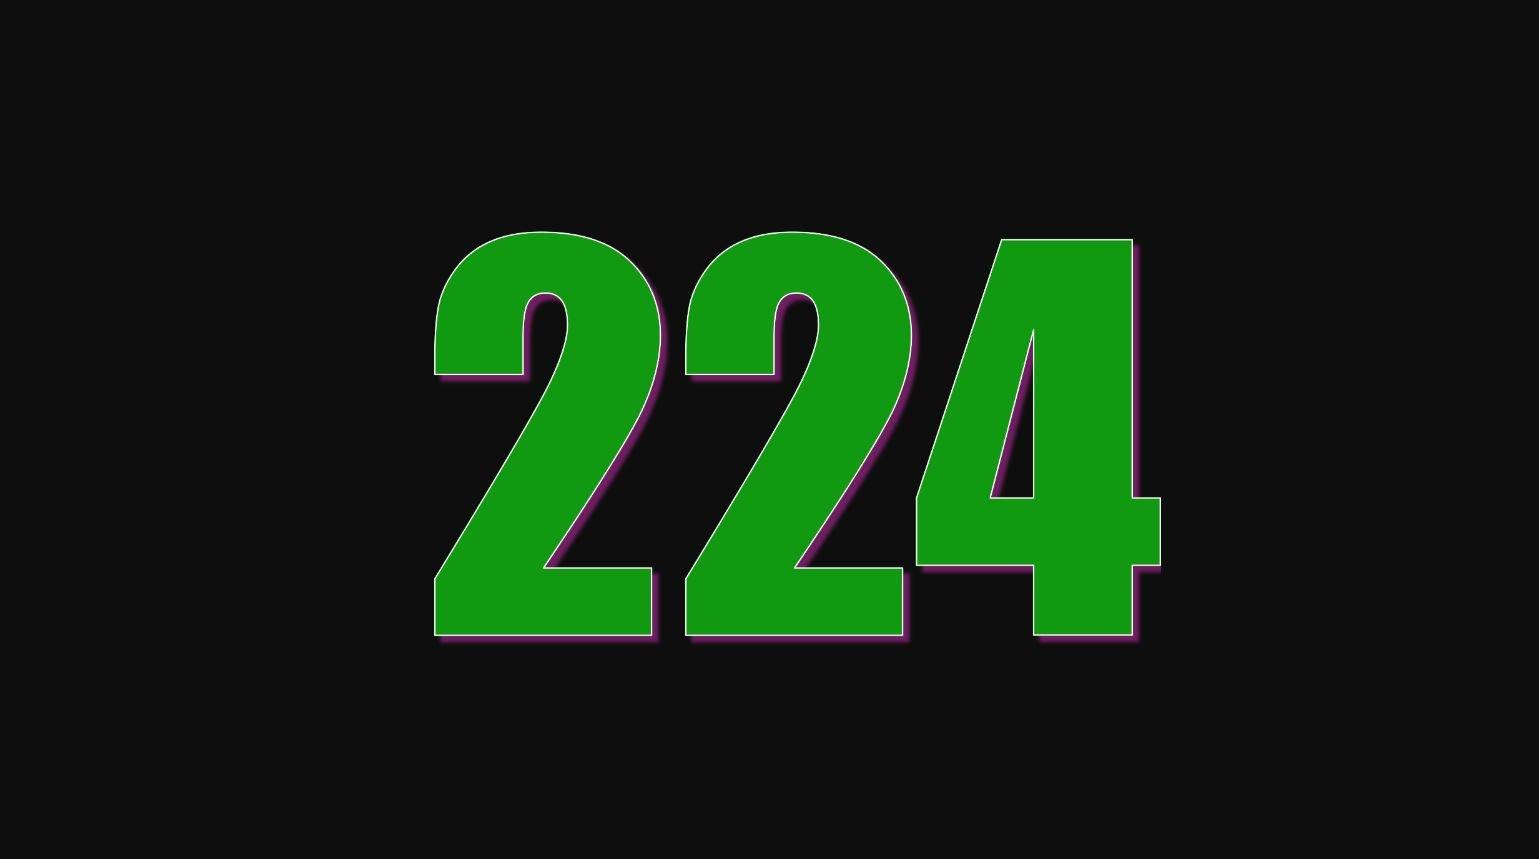 Die Bedeutung der Zahl 224